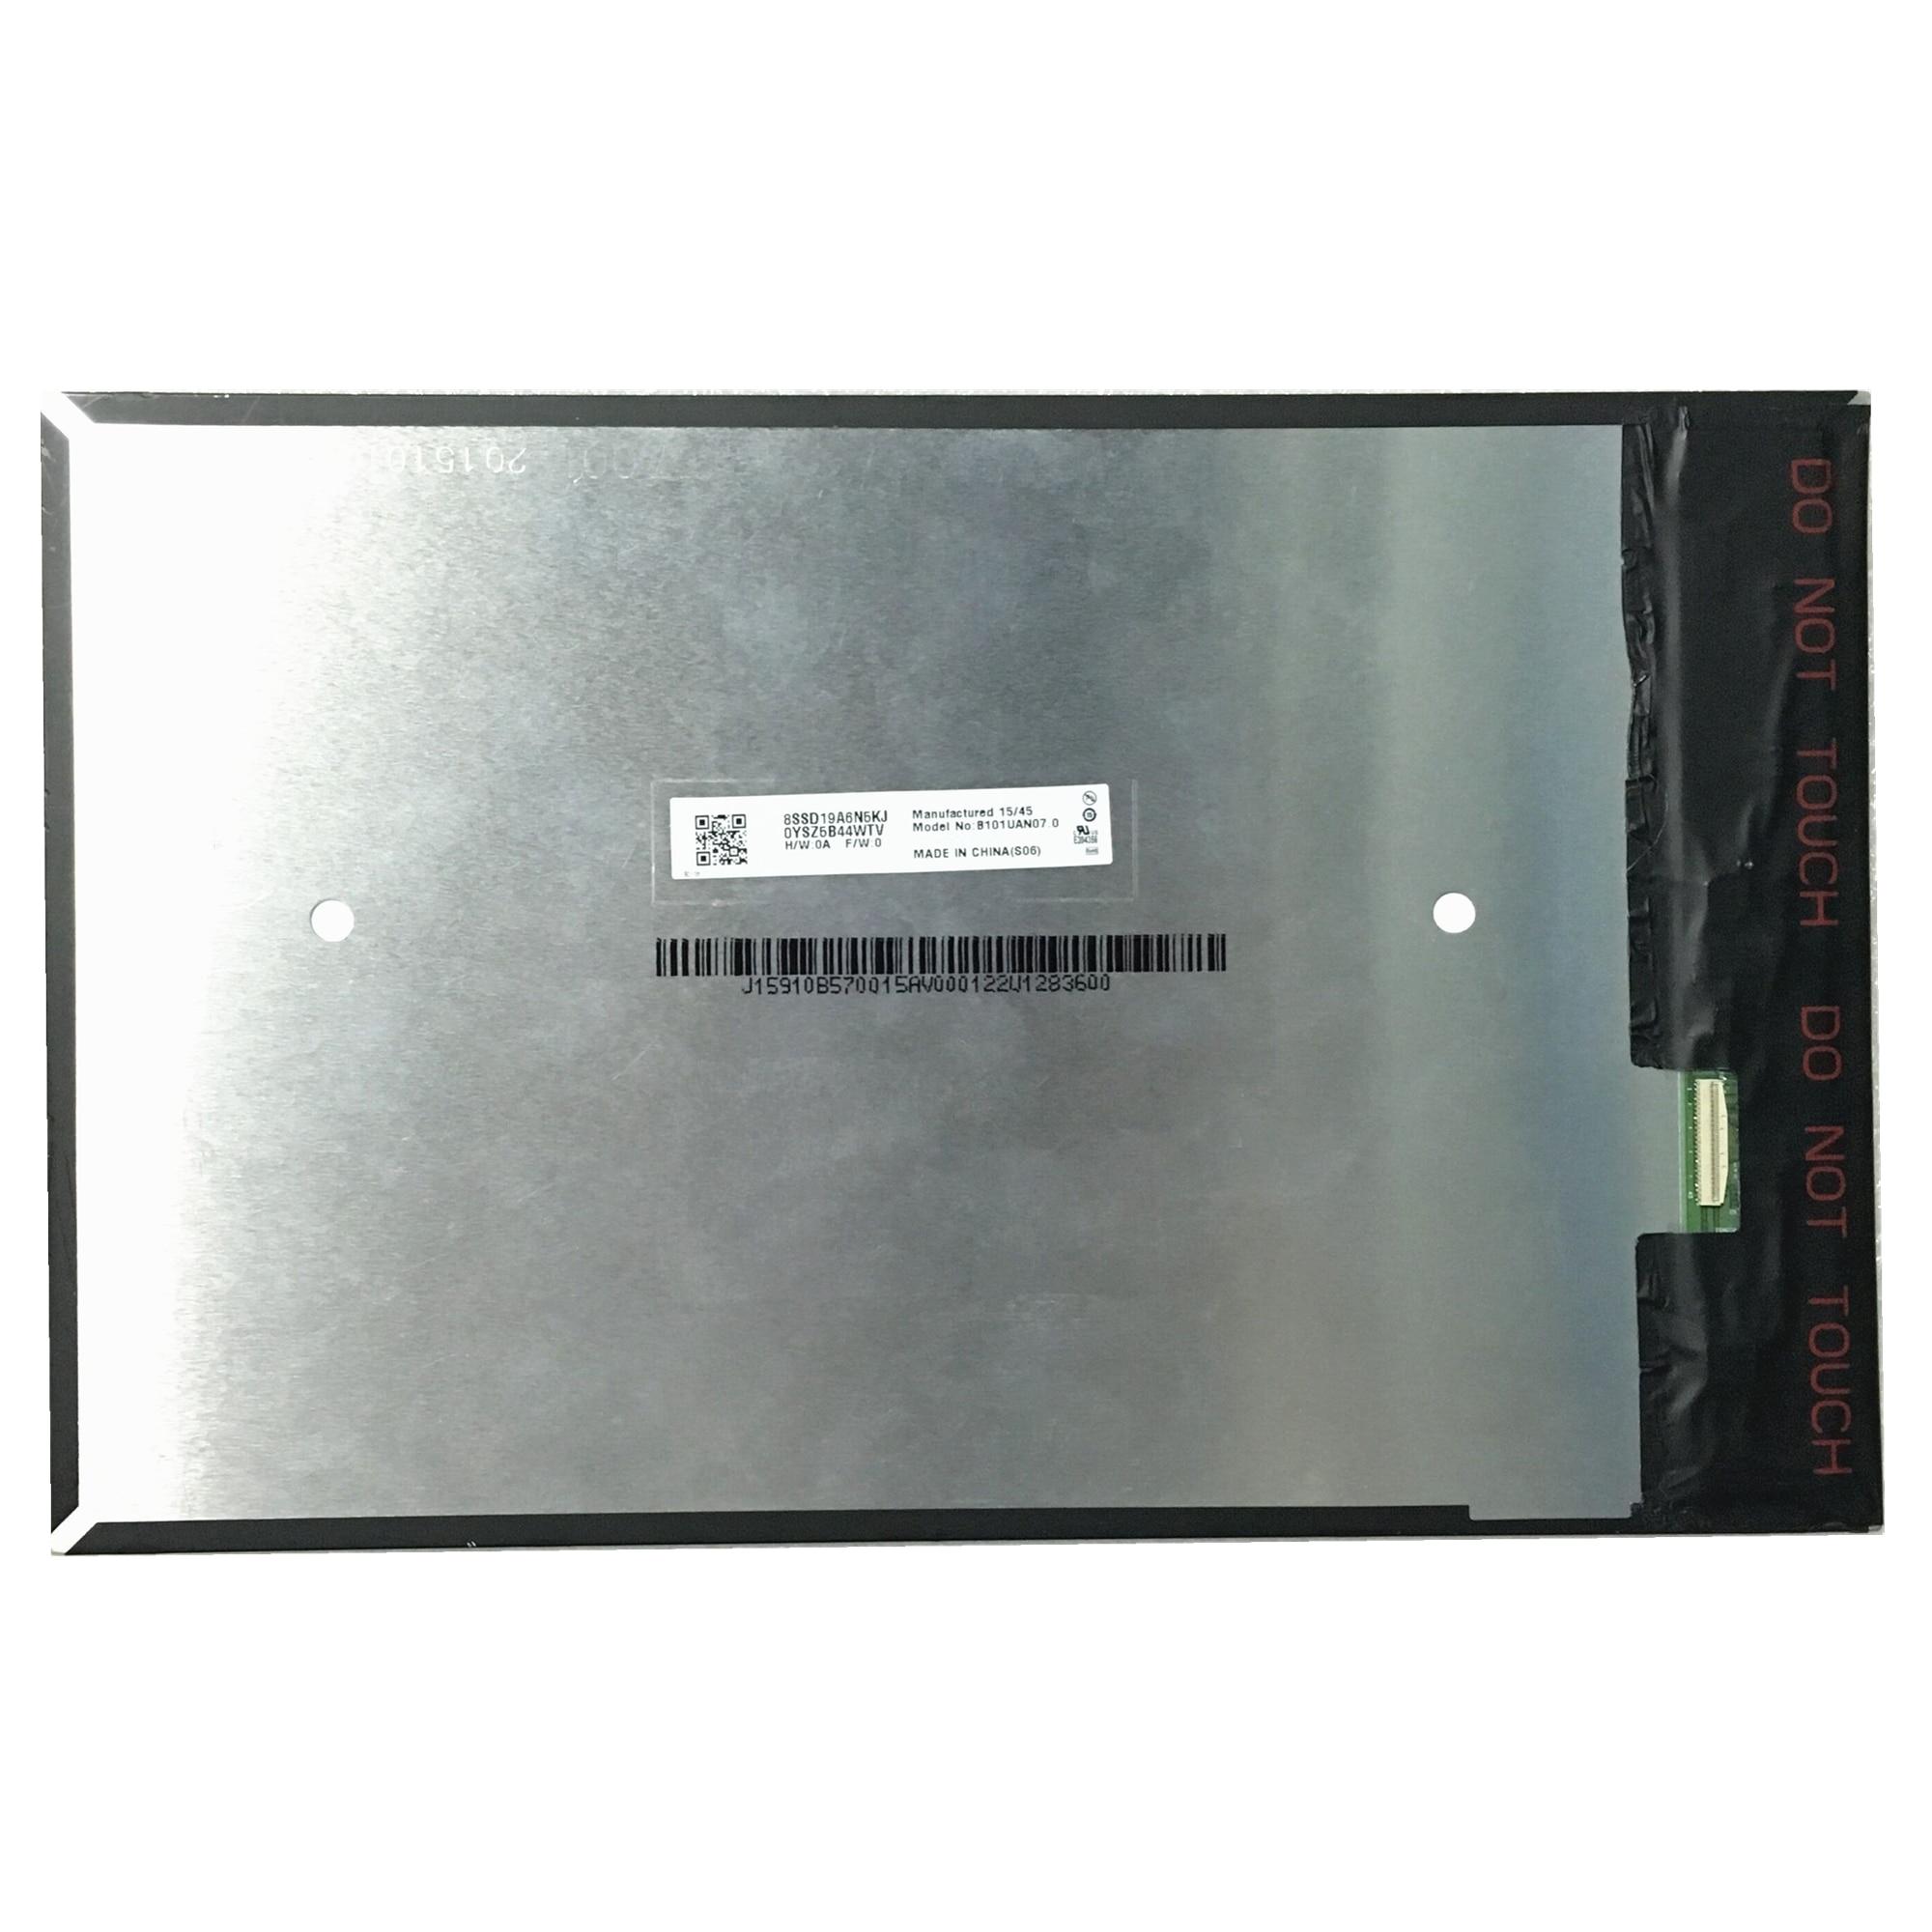 شحن مجاني 10.1 بوصة LCD شاشة B101UAN07.0 ل A10-70L A10-70LC A10-70F محمول LCD شاشة عرض 1200*1920 MIPI 45 دبابيس